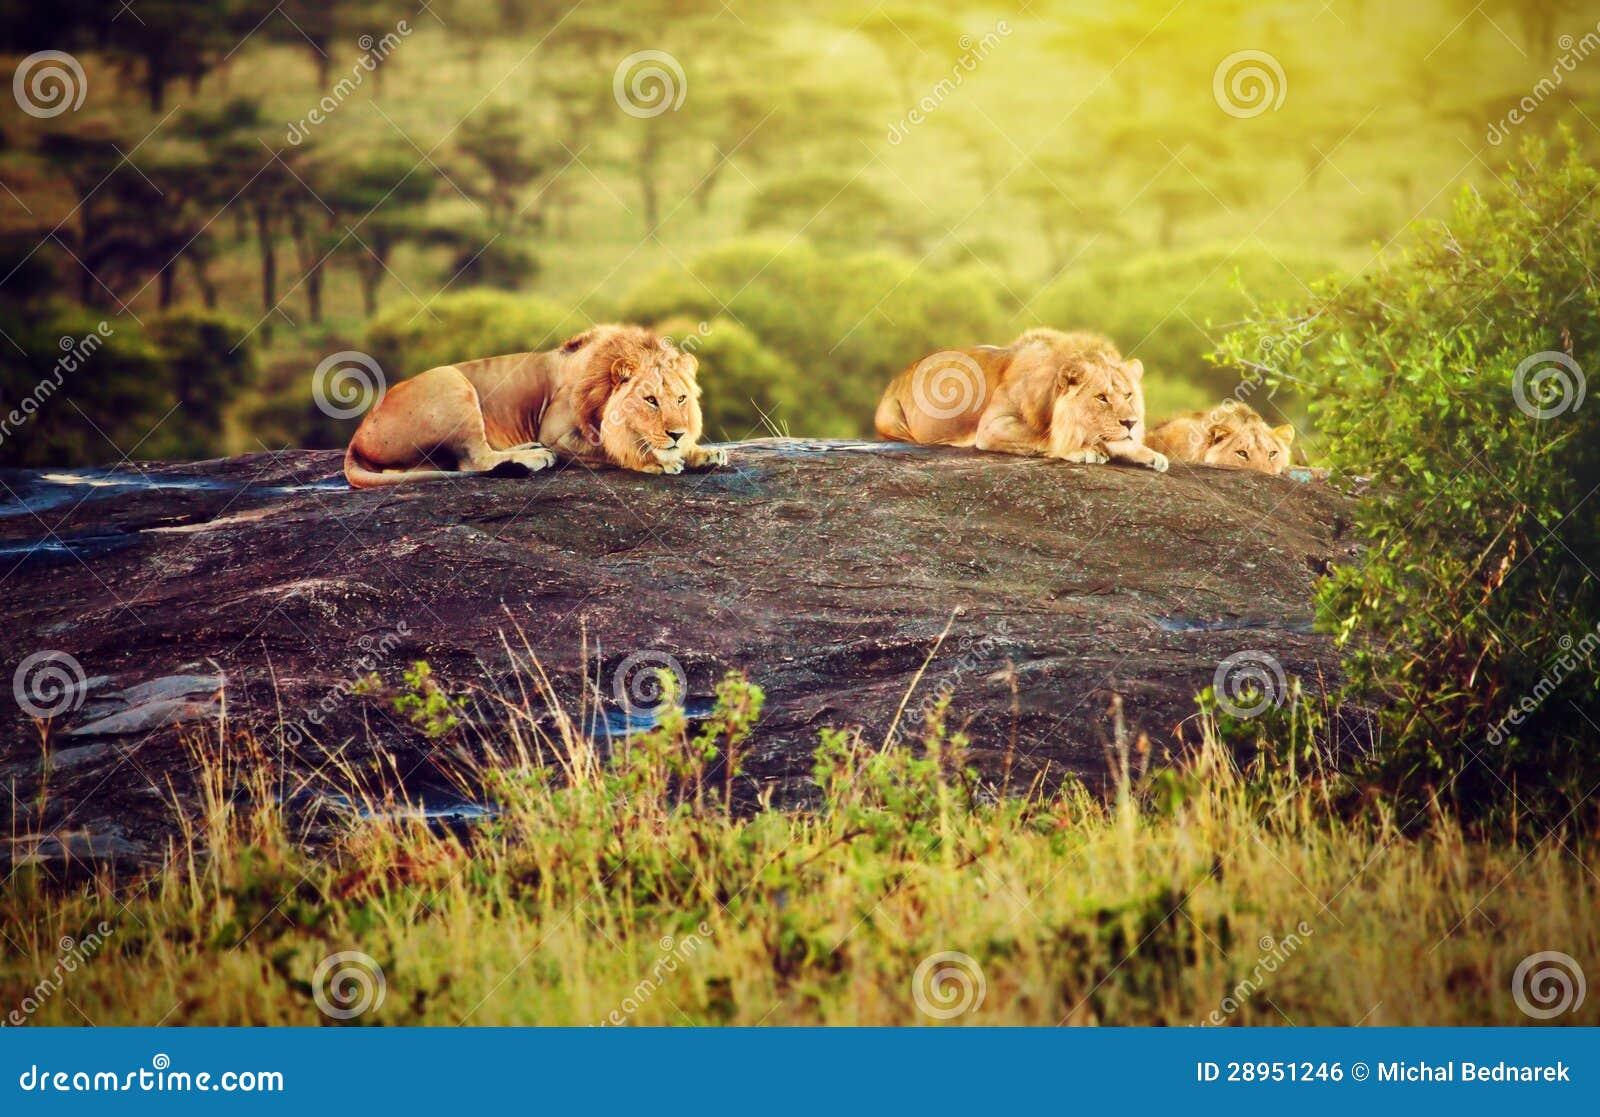 Leones en rocas en sabana en la puesta del sol. Safari en Serengeti, Tanzania, África